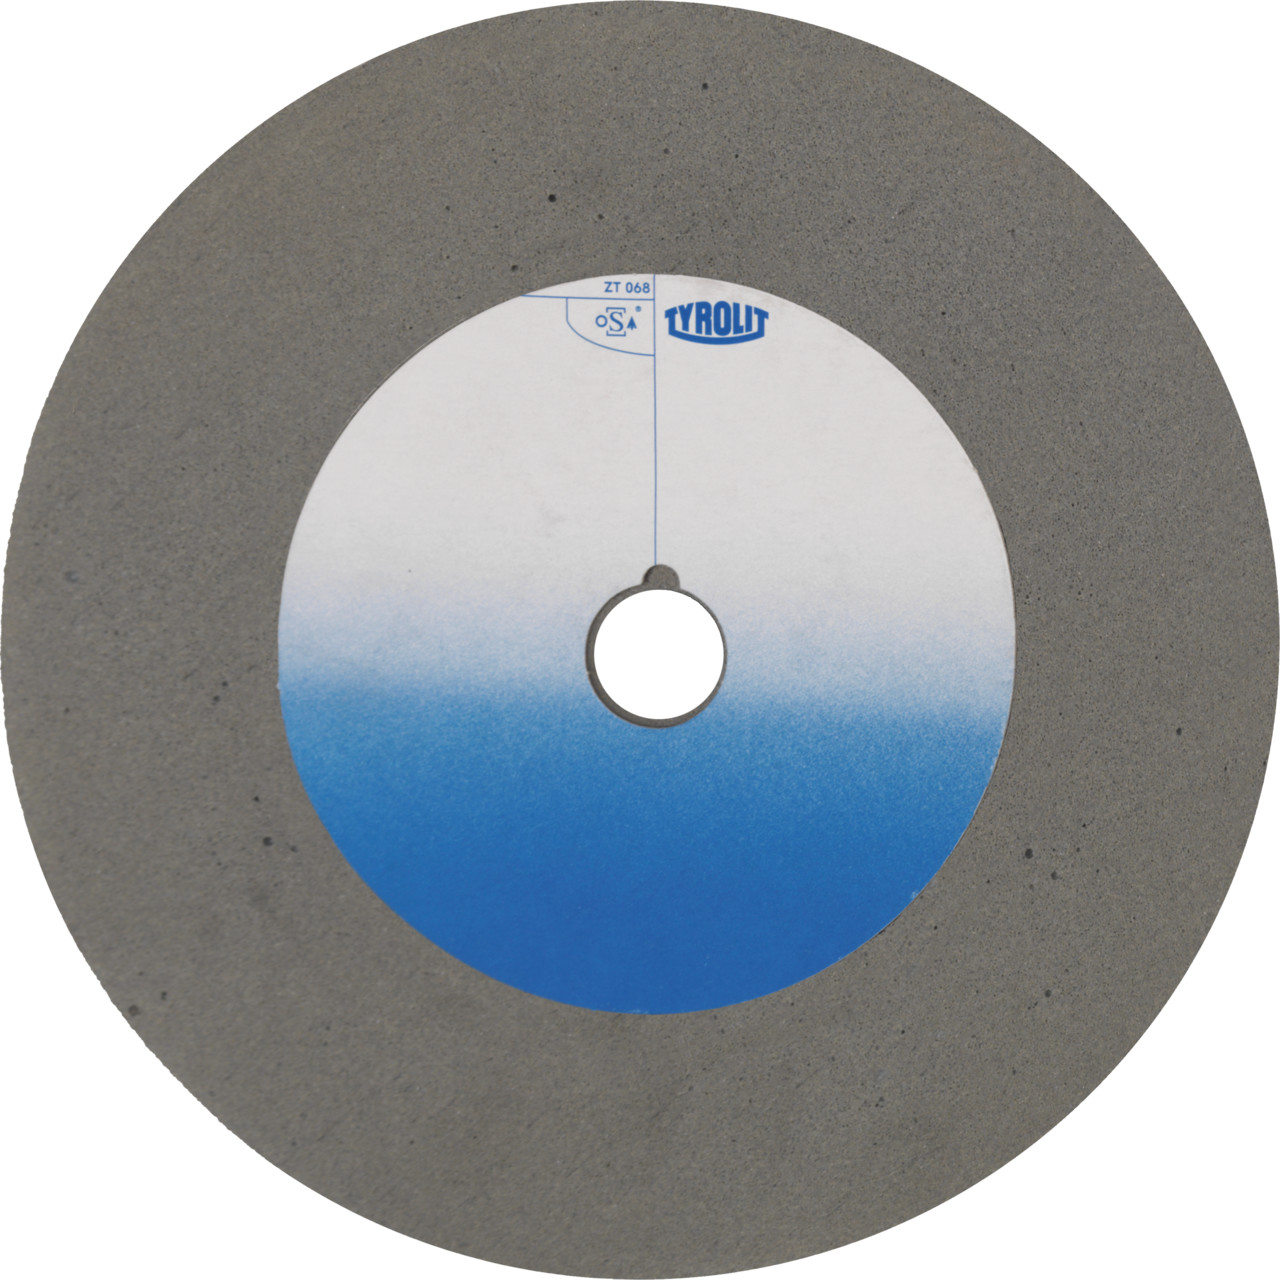 Immagine di Mola per affilatura di utensili da taglio Per acciaio, acciaio superrapido, acciaio inossidabile e carburo di tungsteno